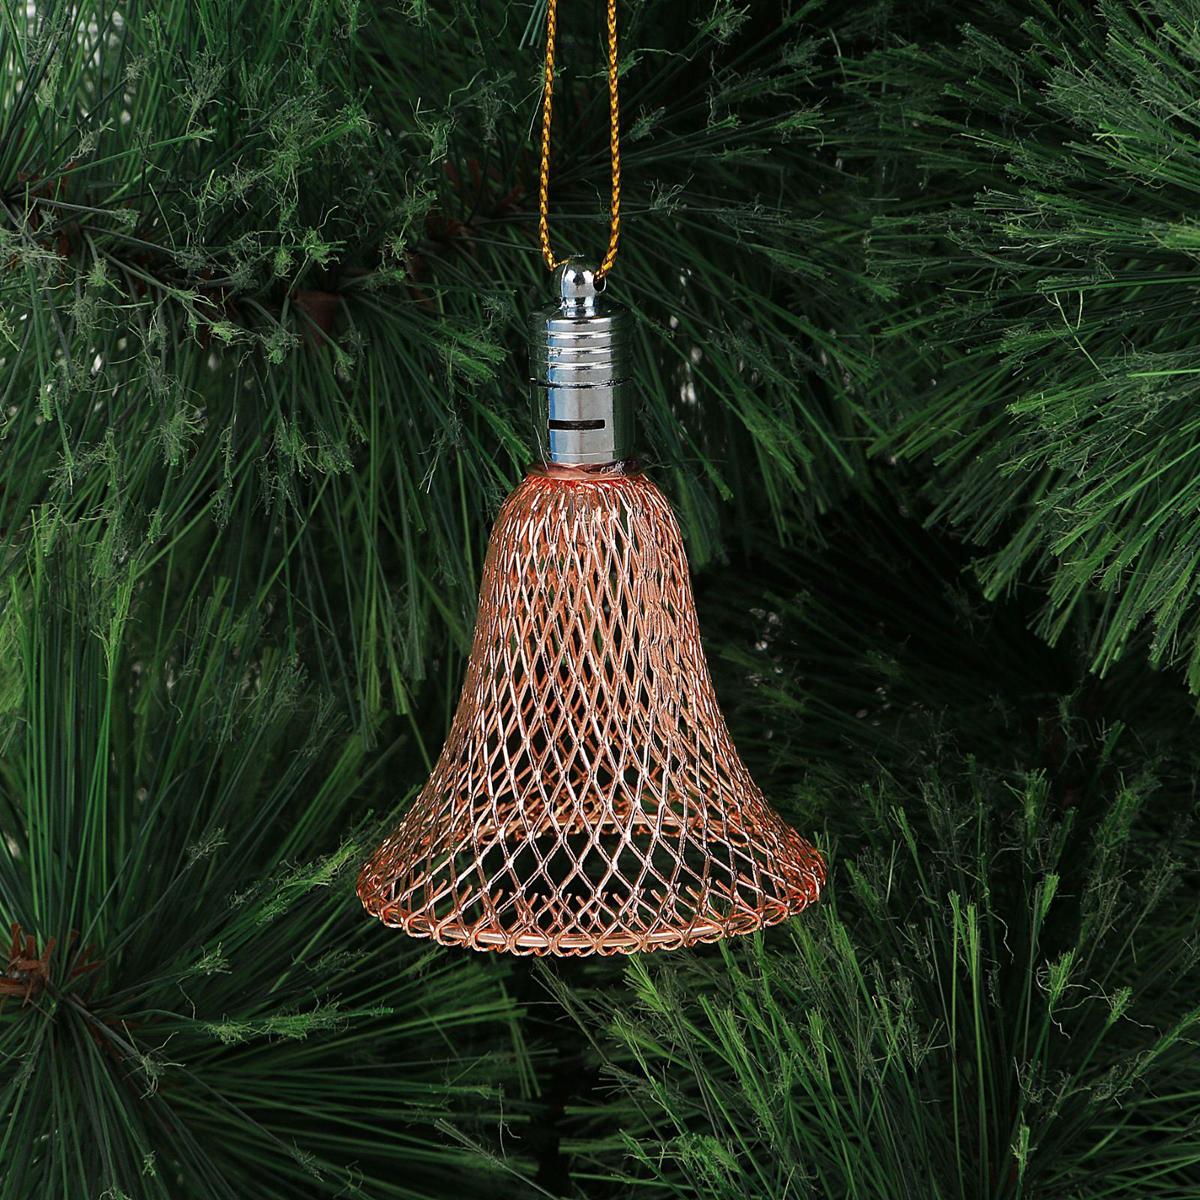 Подвеска новогодняя Luazon Lighting Колокольчик, световая, цвет: медный, длина 7 см2327194Световая новогодняя подвеска Luazon Lighting Колокольчик выполнена из металла в виде объемного колокольчика. Елочное украшение выглядит как простая елочная игрушка днем, но при этом остается видимой вечером. Просто включите изделие с наступлением темноты, и оно украсит елку огоньками. Подвеска Luazon Lighting Колокольчик работает от батареек (входит в комплект) и пожаробезопасна, так как светодиоды не нагреваются, в отличие от ламп накаливания.